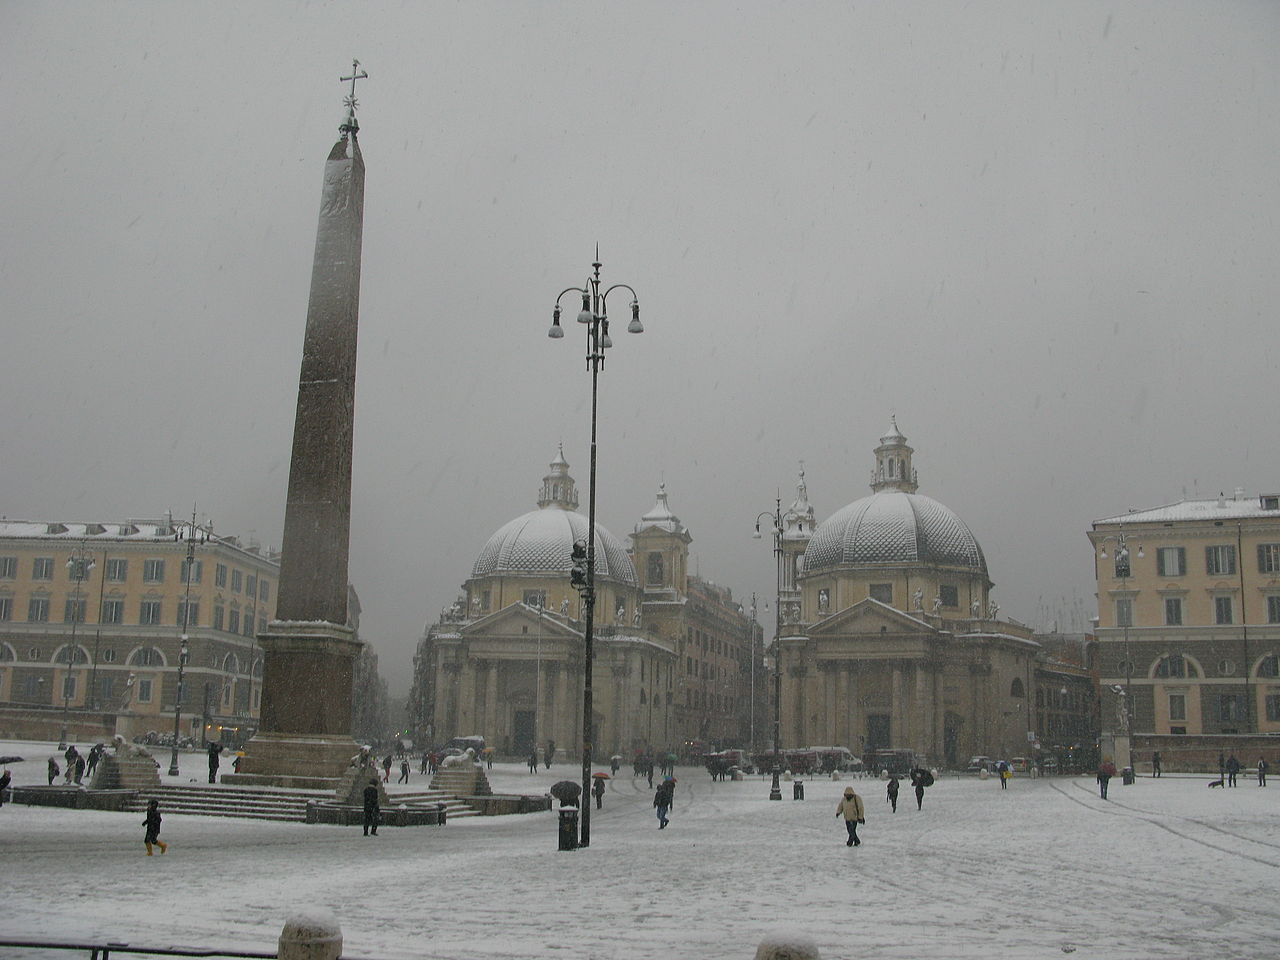 1280px-Roma,_Piazza_del_Popolo_durante_la_nevicata_del_3_febbraio_2012